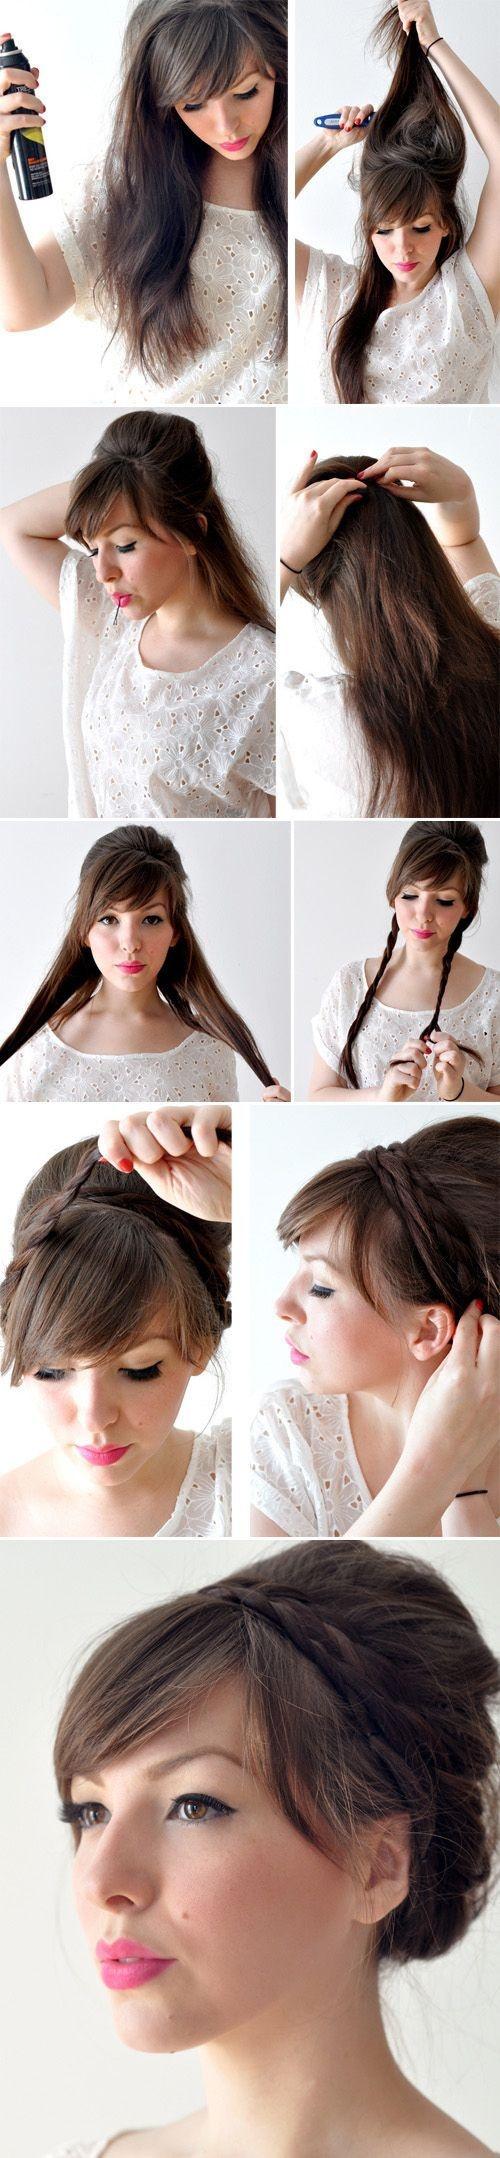 Причёски на длинные волосы с чёлкой фото в школу